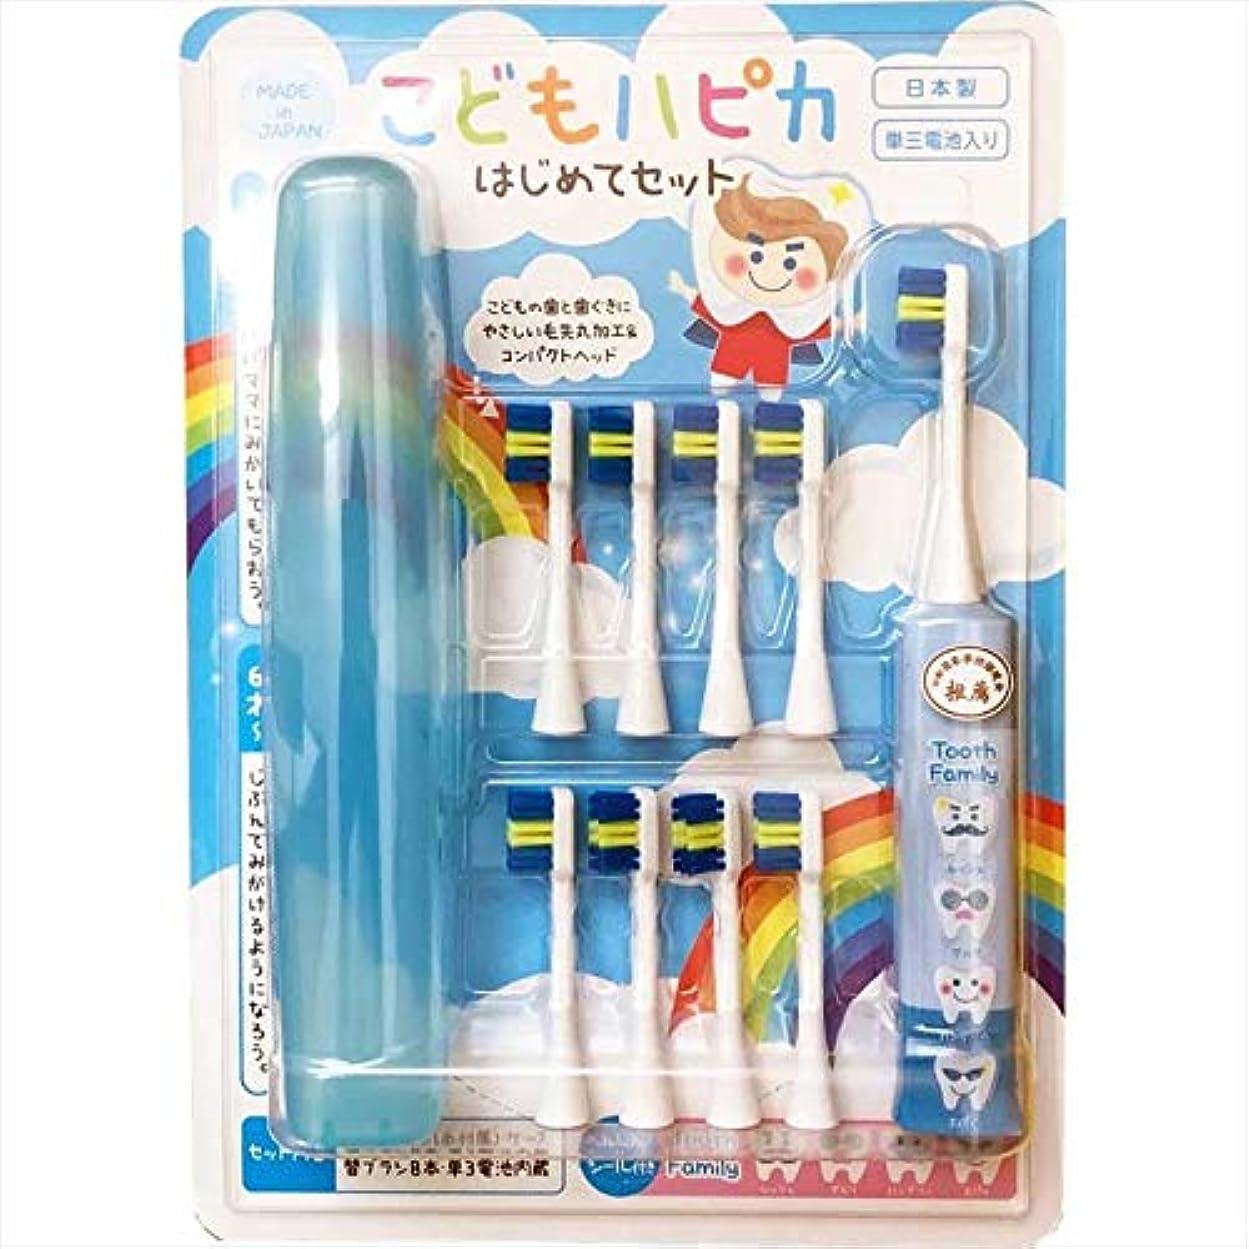 執着従事した多様なこどもハピカセット ブルー 子供用電動歯ブラシ